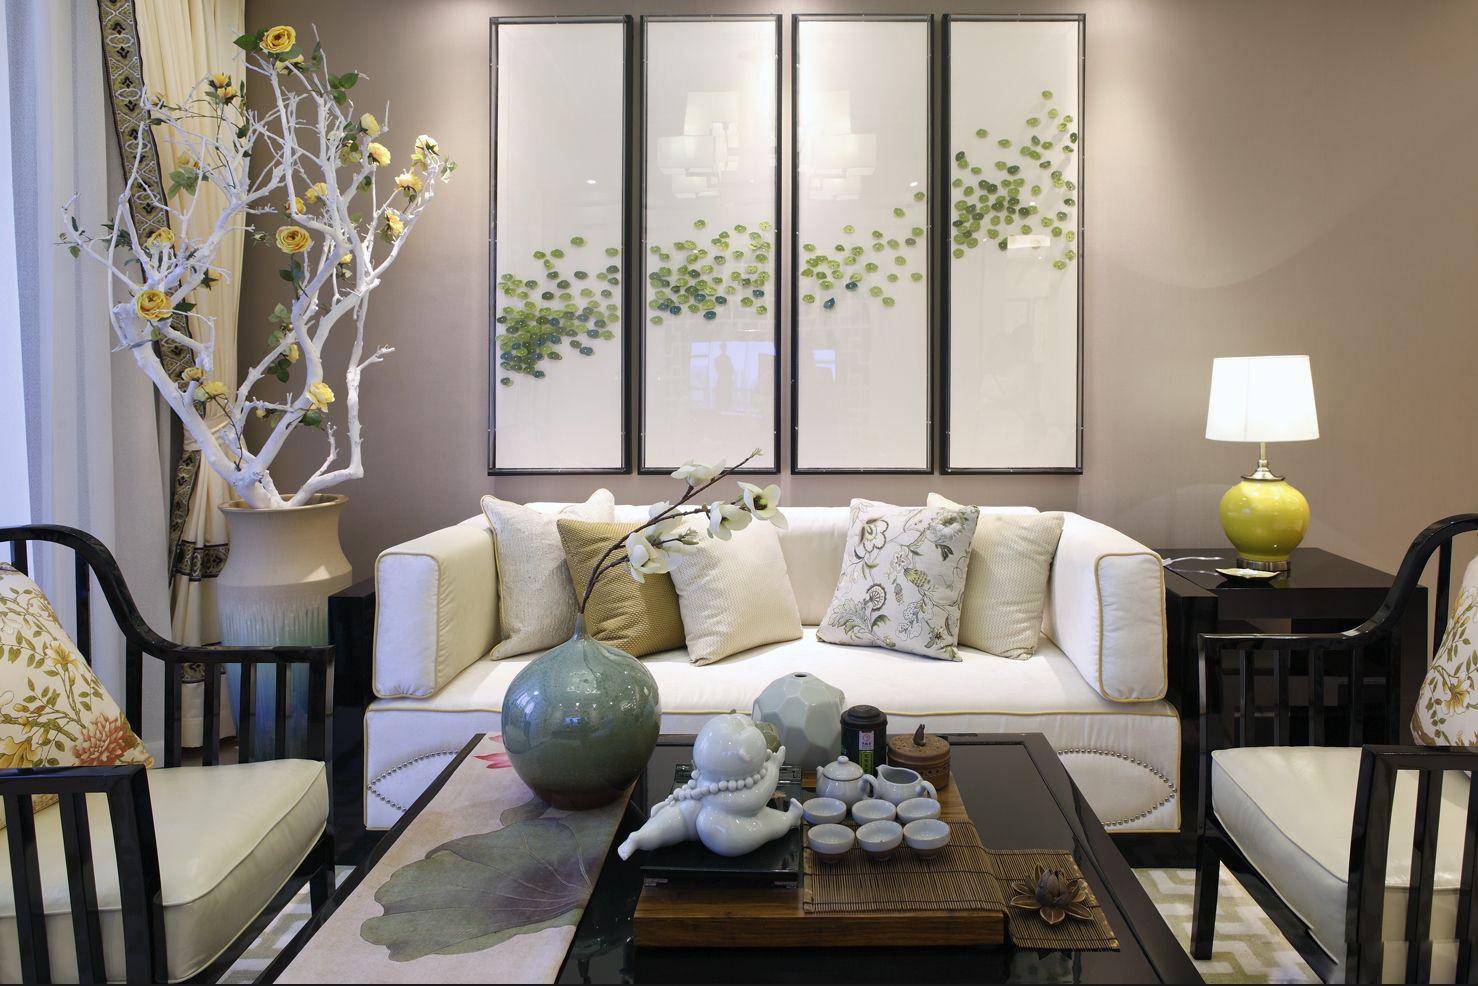 客厅整体素雅有韵味,无论是瓷器茶具还是饰品,都让传统文化的特点得到表达。